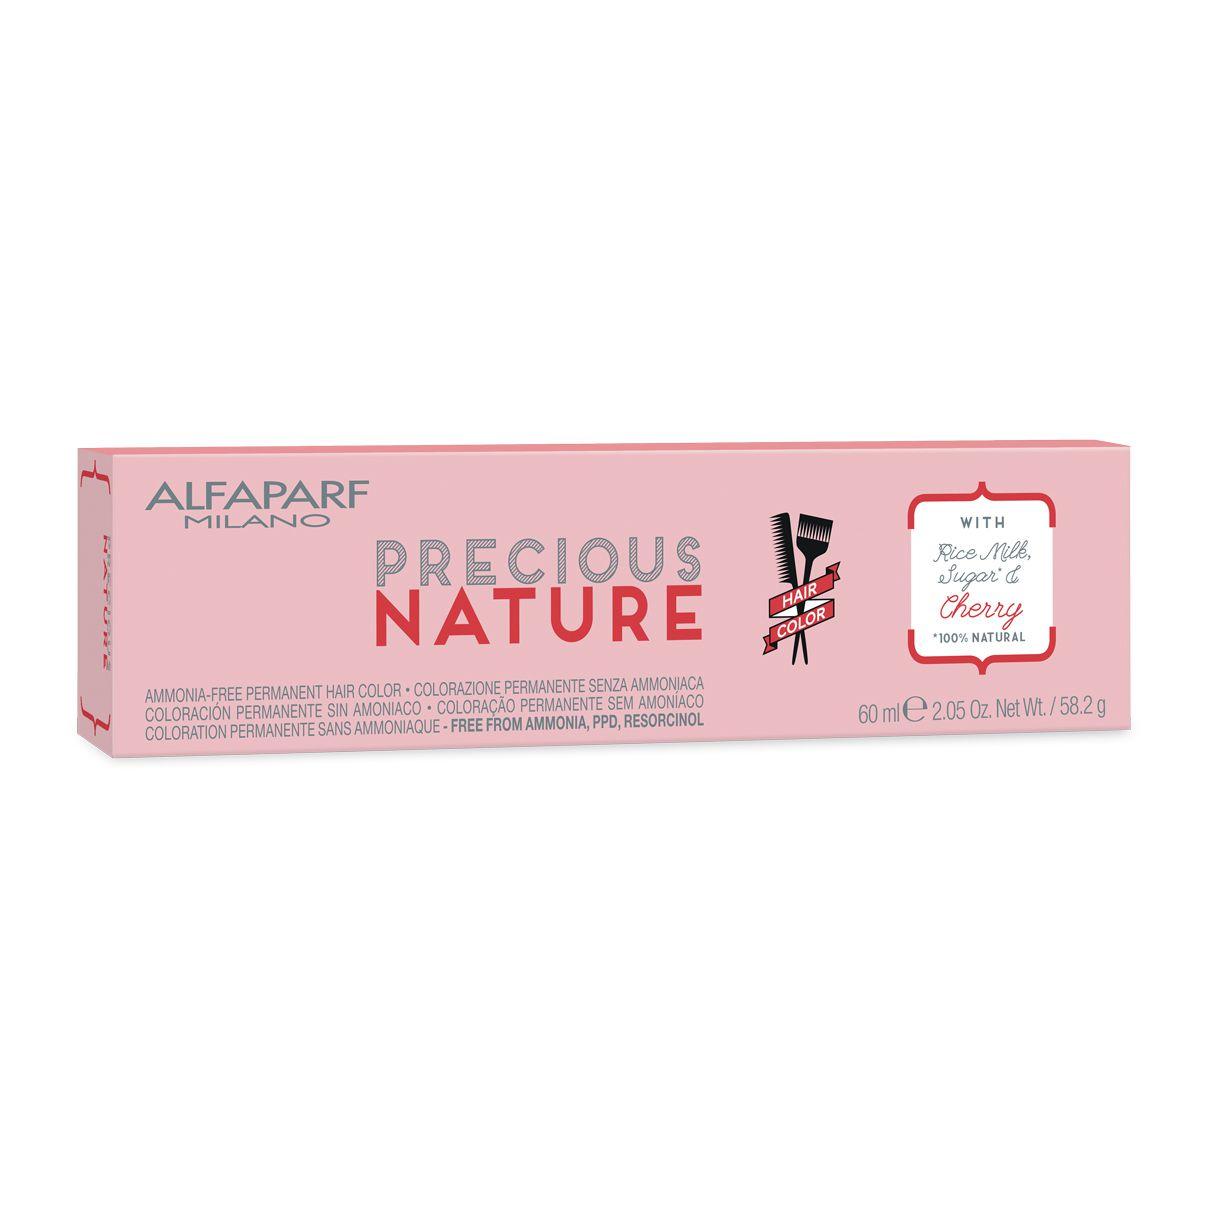 Alfaparf Milano Precious Nature Hair Color Creme de Coloração 8.4 Louro Cobre 60ml